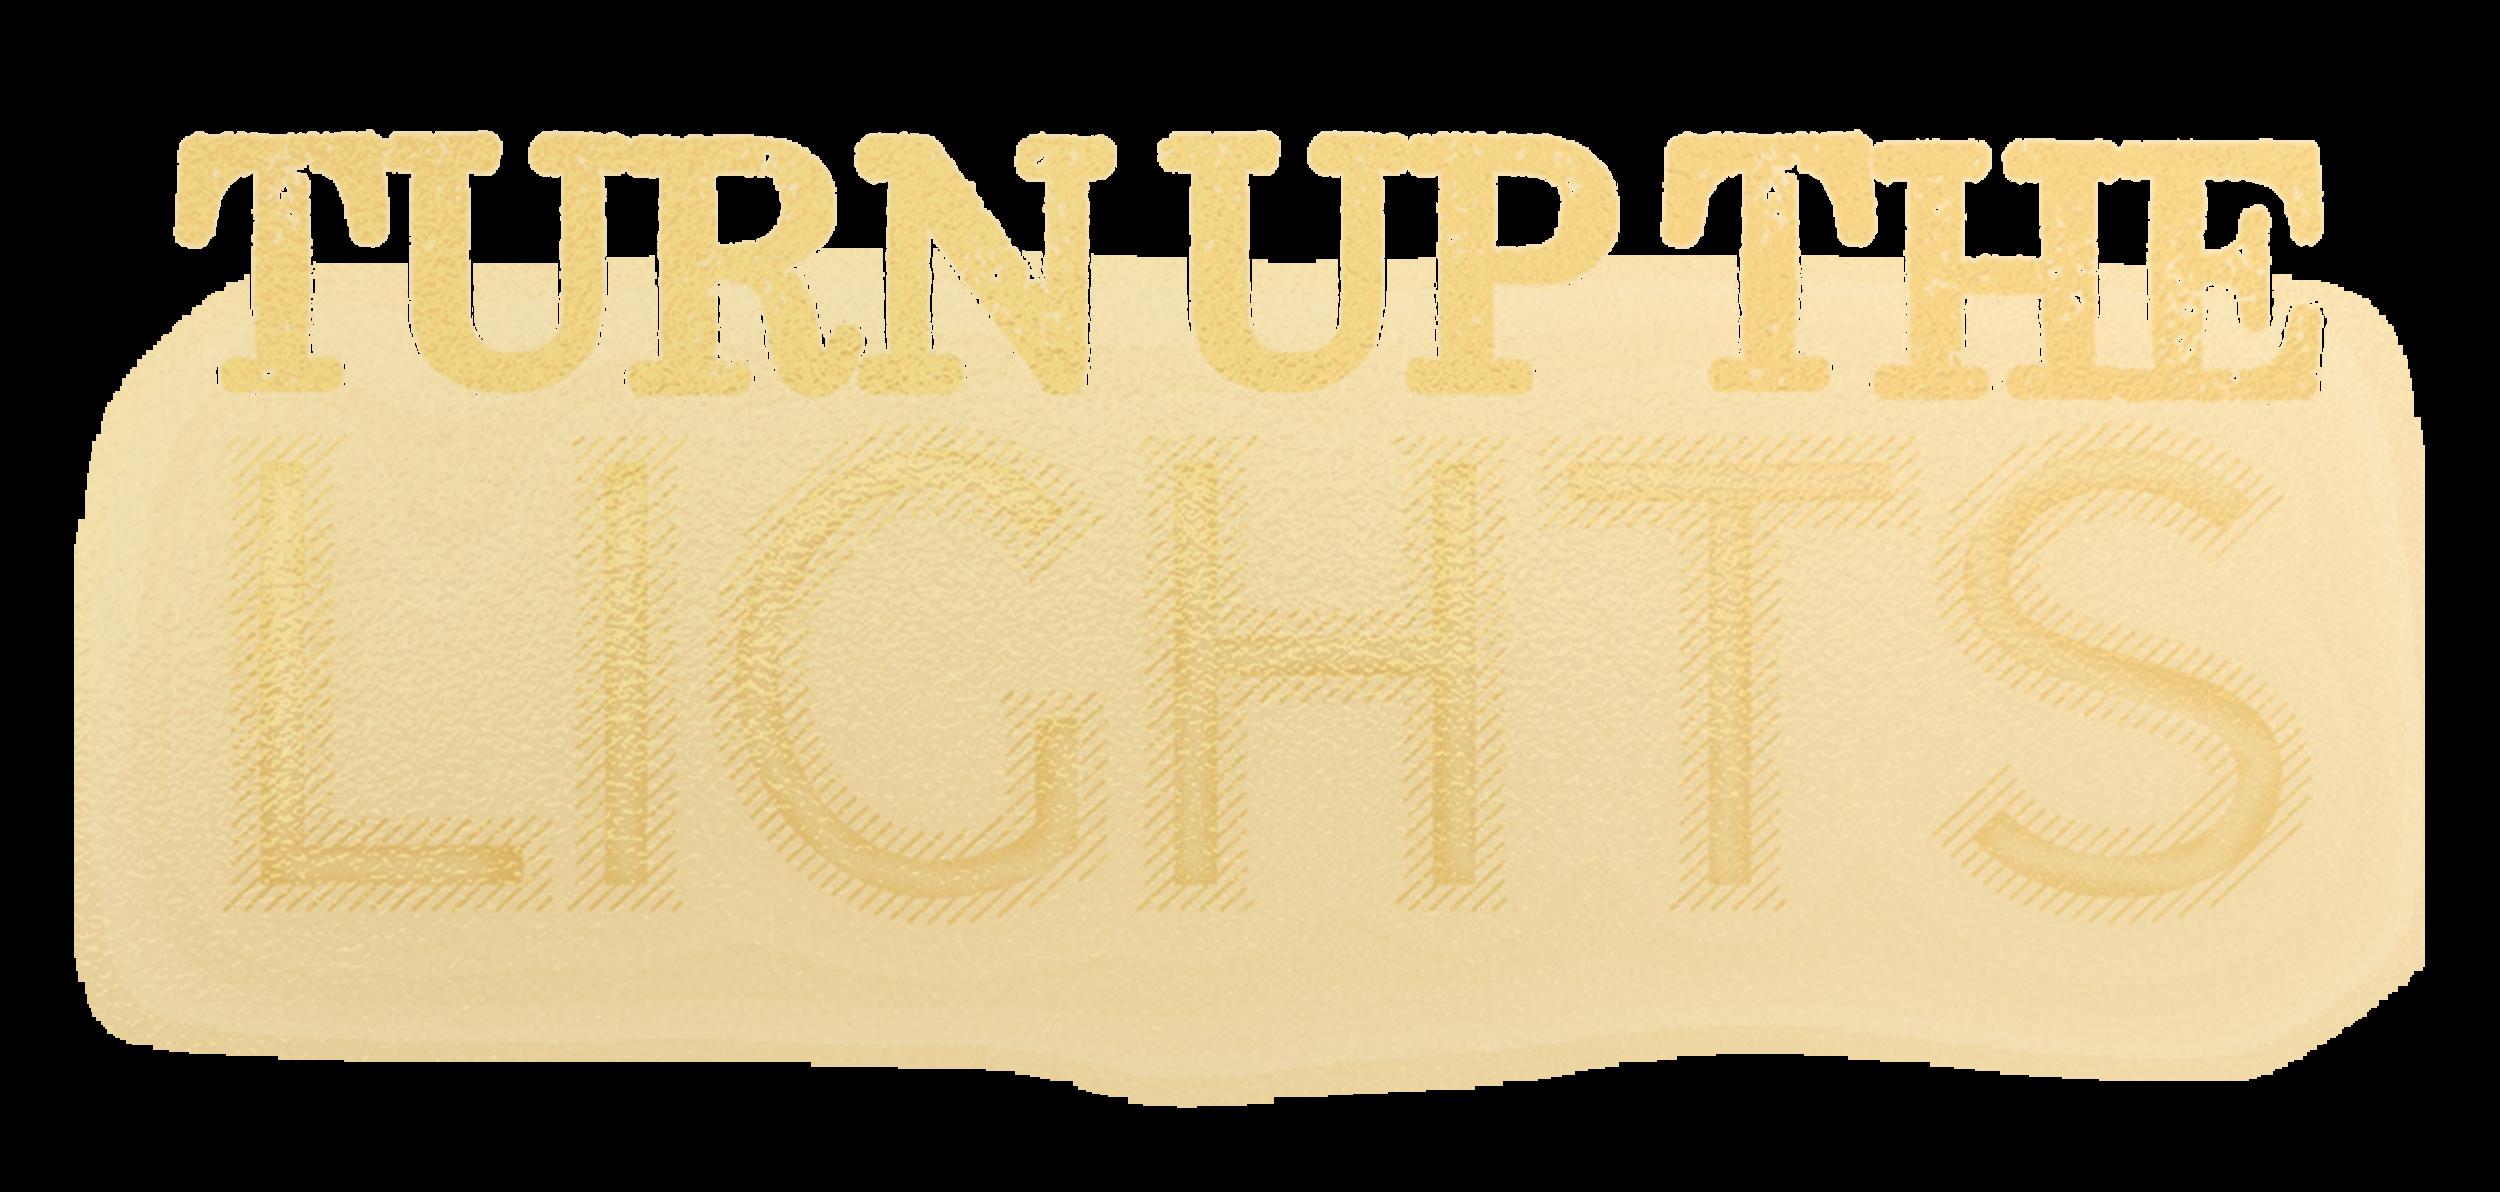 Turn-Up-The-Lights-Gold-Foil-Logo-2.png